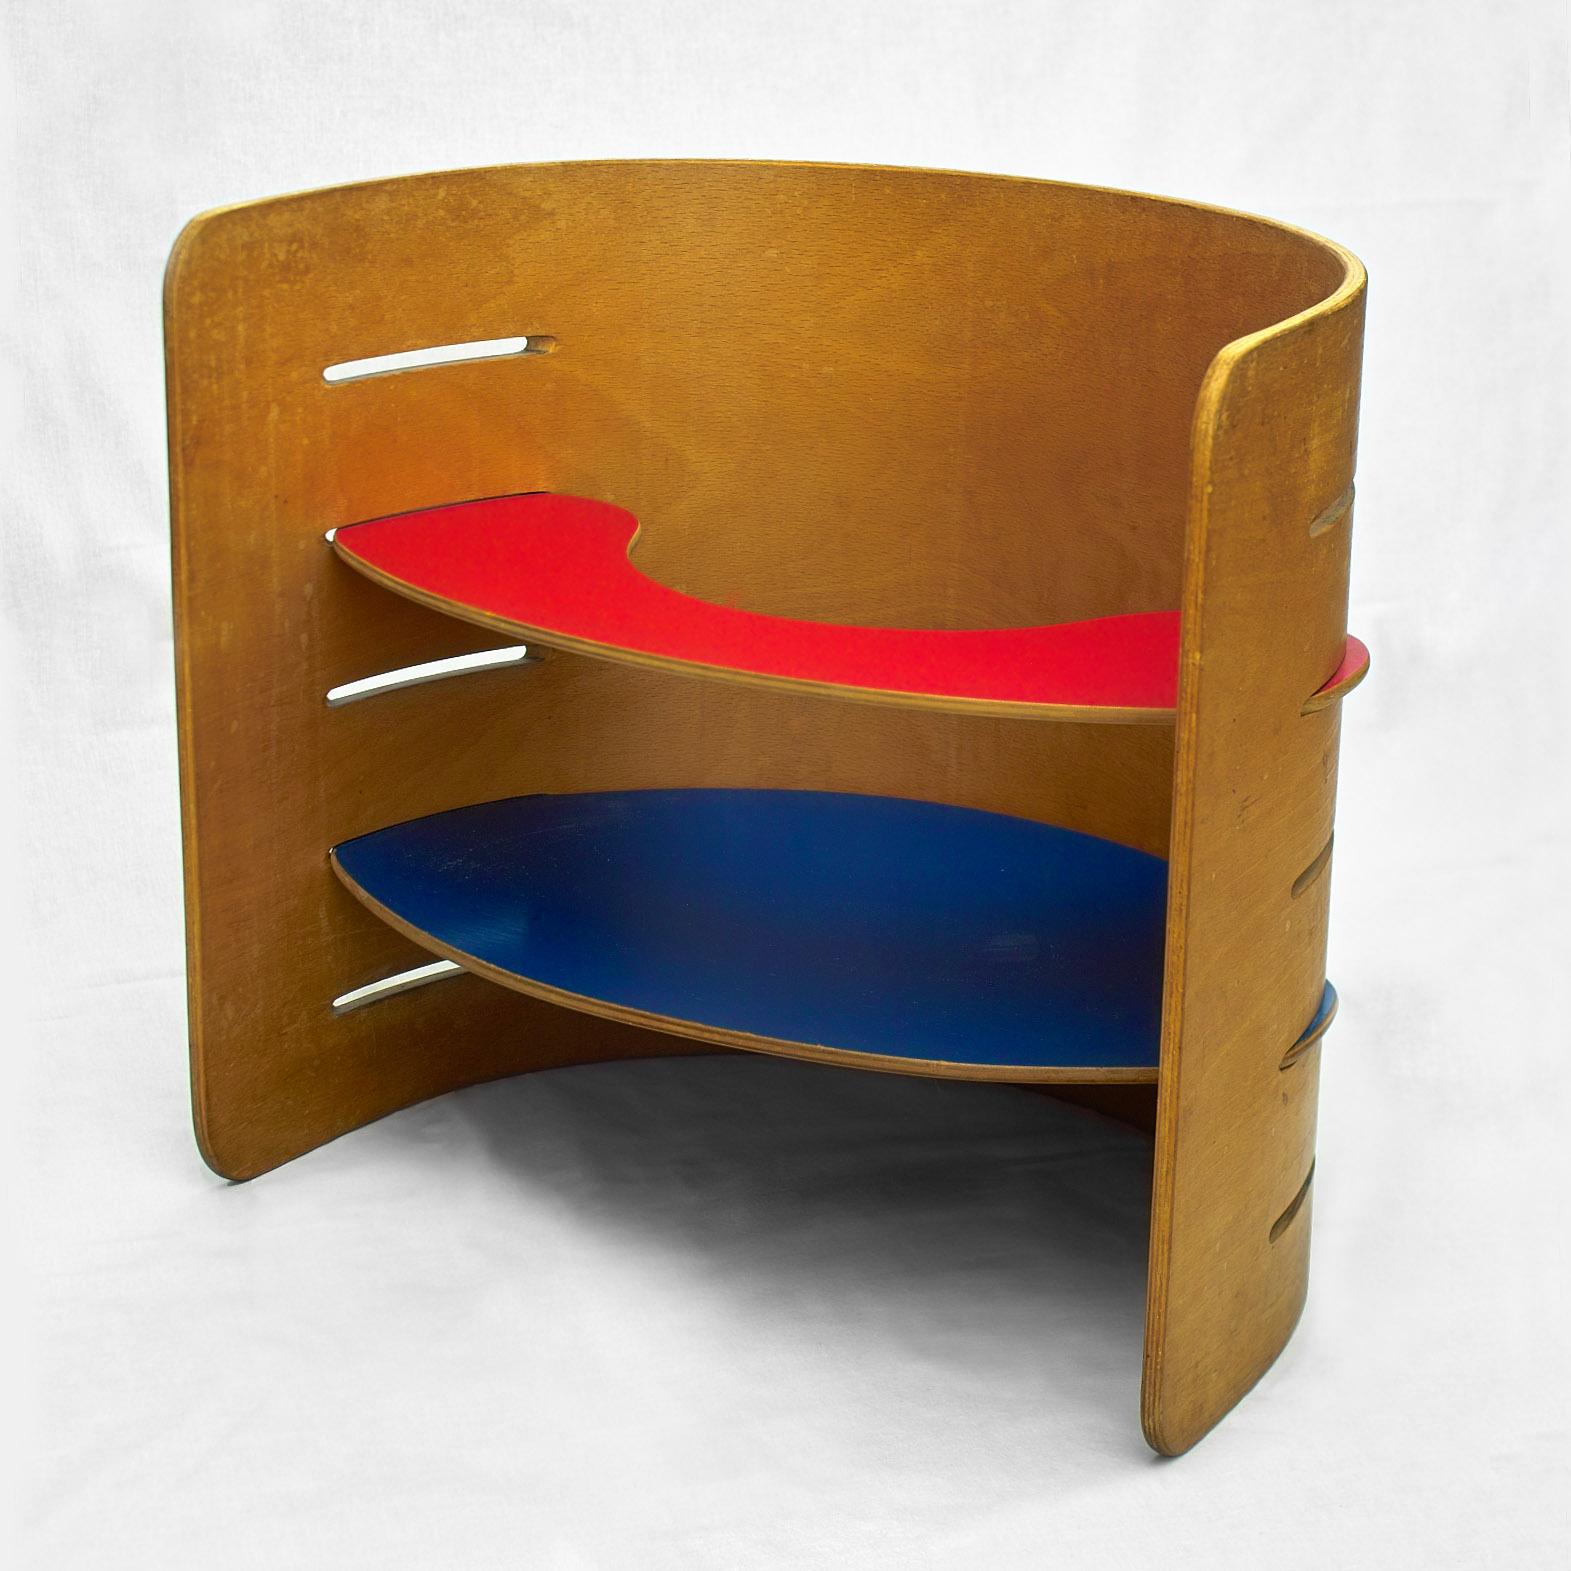 file:vedel childrens furniture gh.jpg EVCNNPT